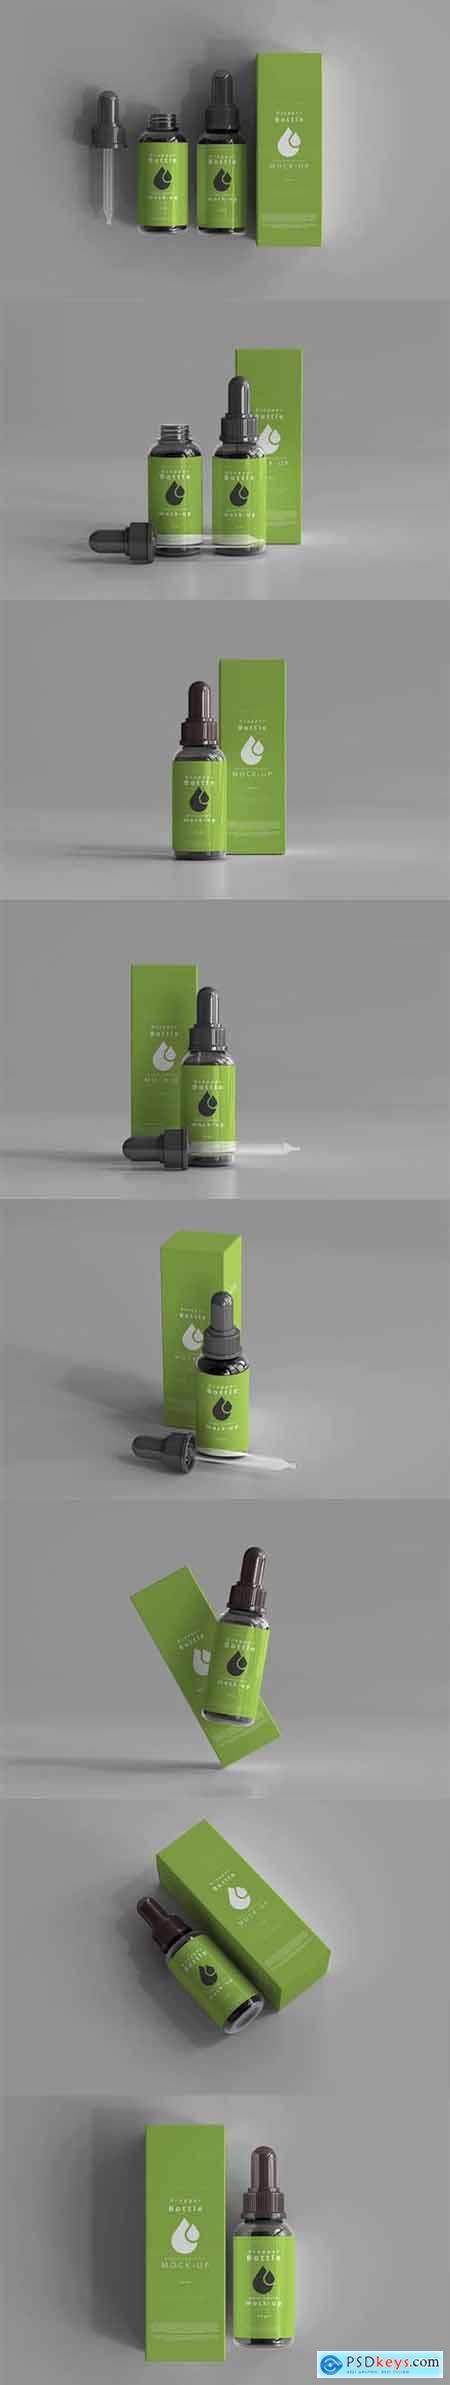 Dropper bottle mockup box